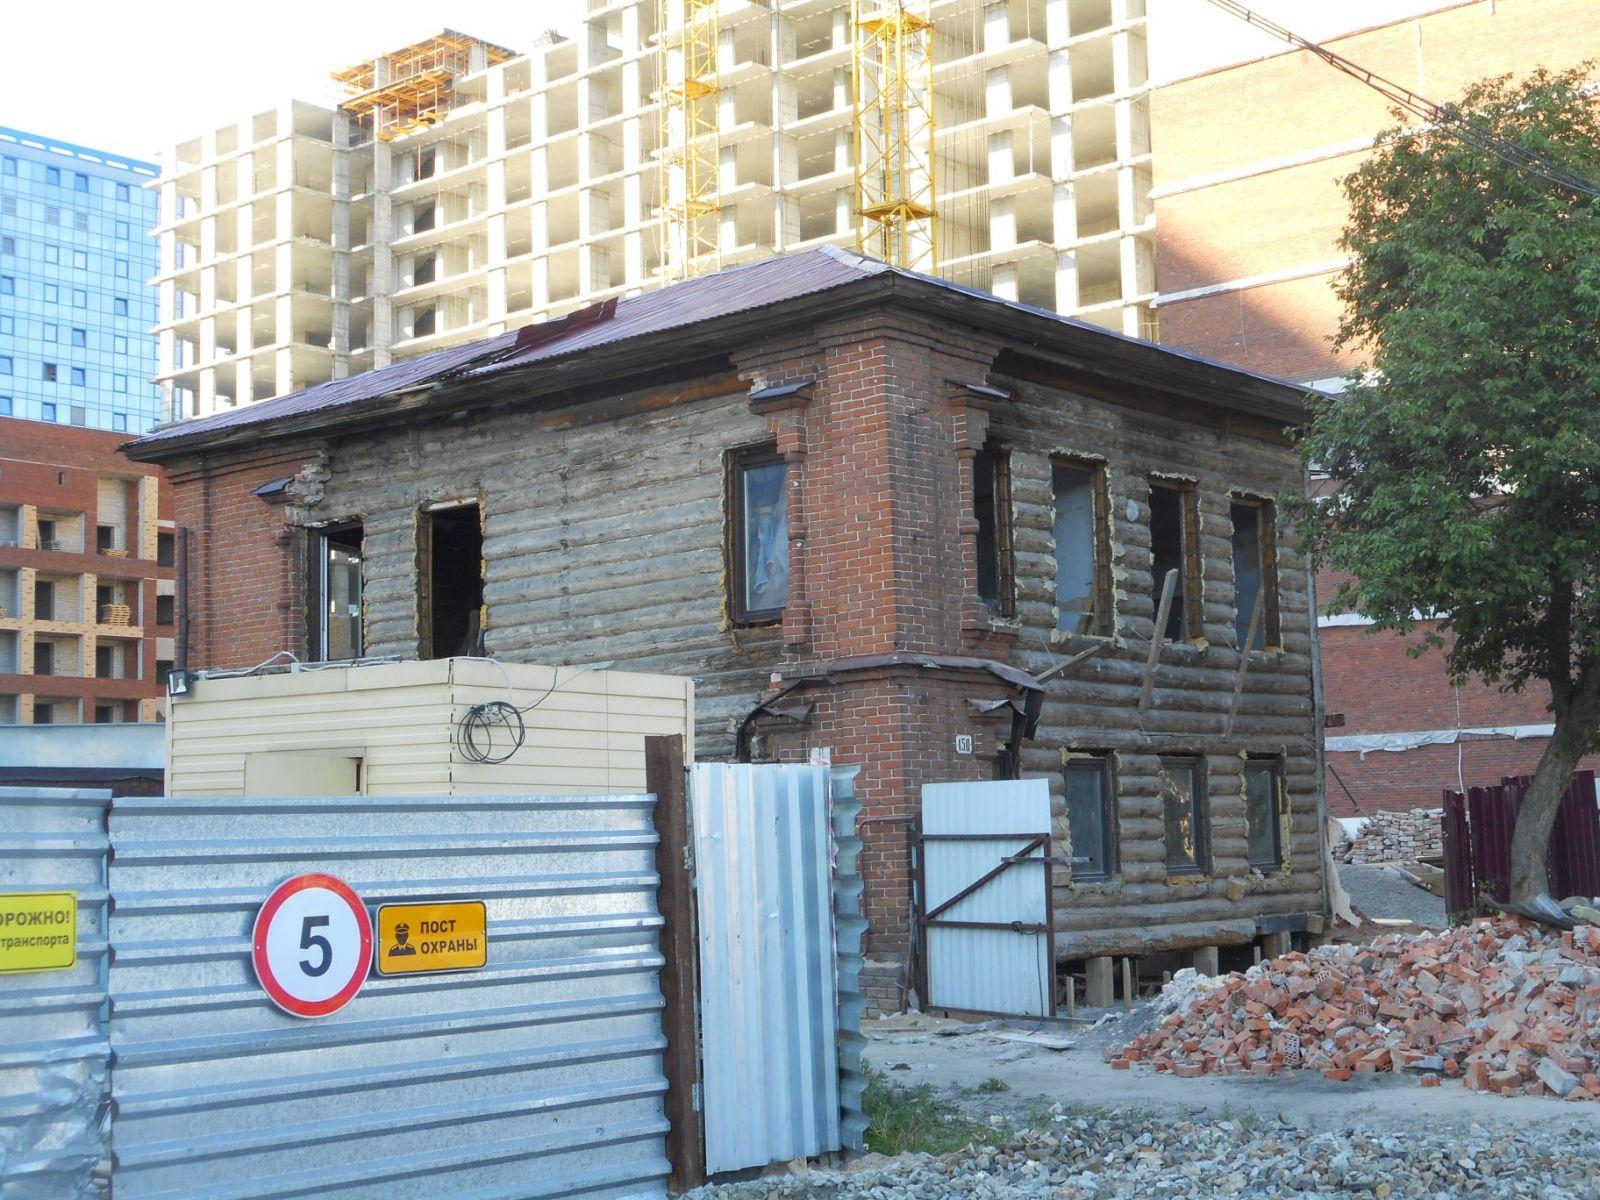 Горожане обеспокоены раздетым догола историческим зданием Барнауле